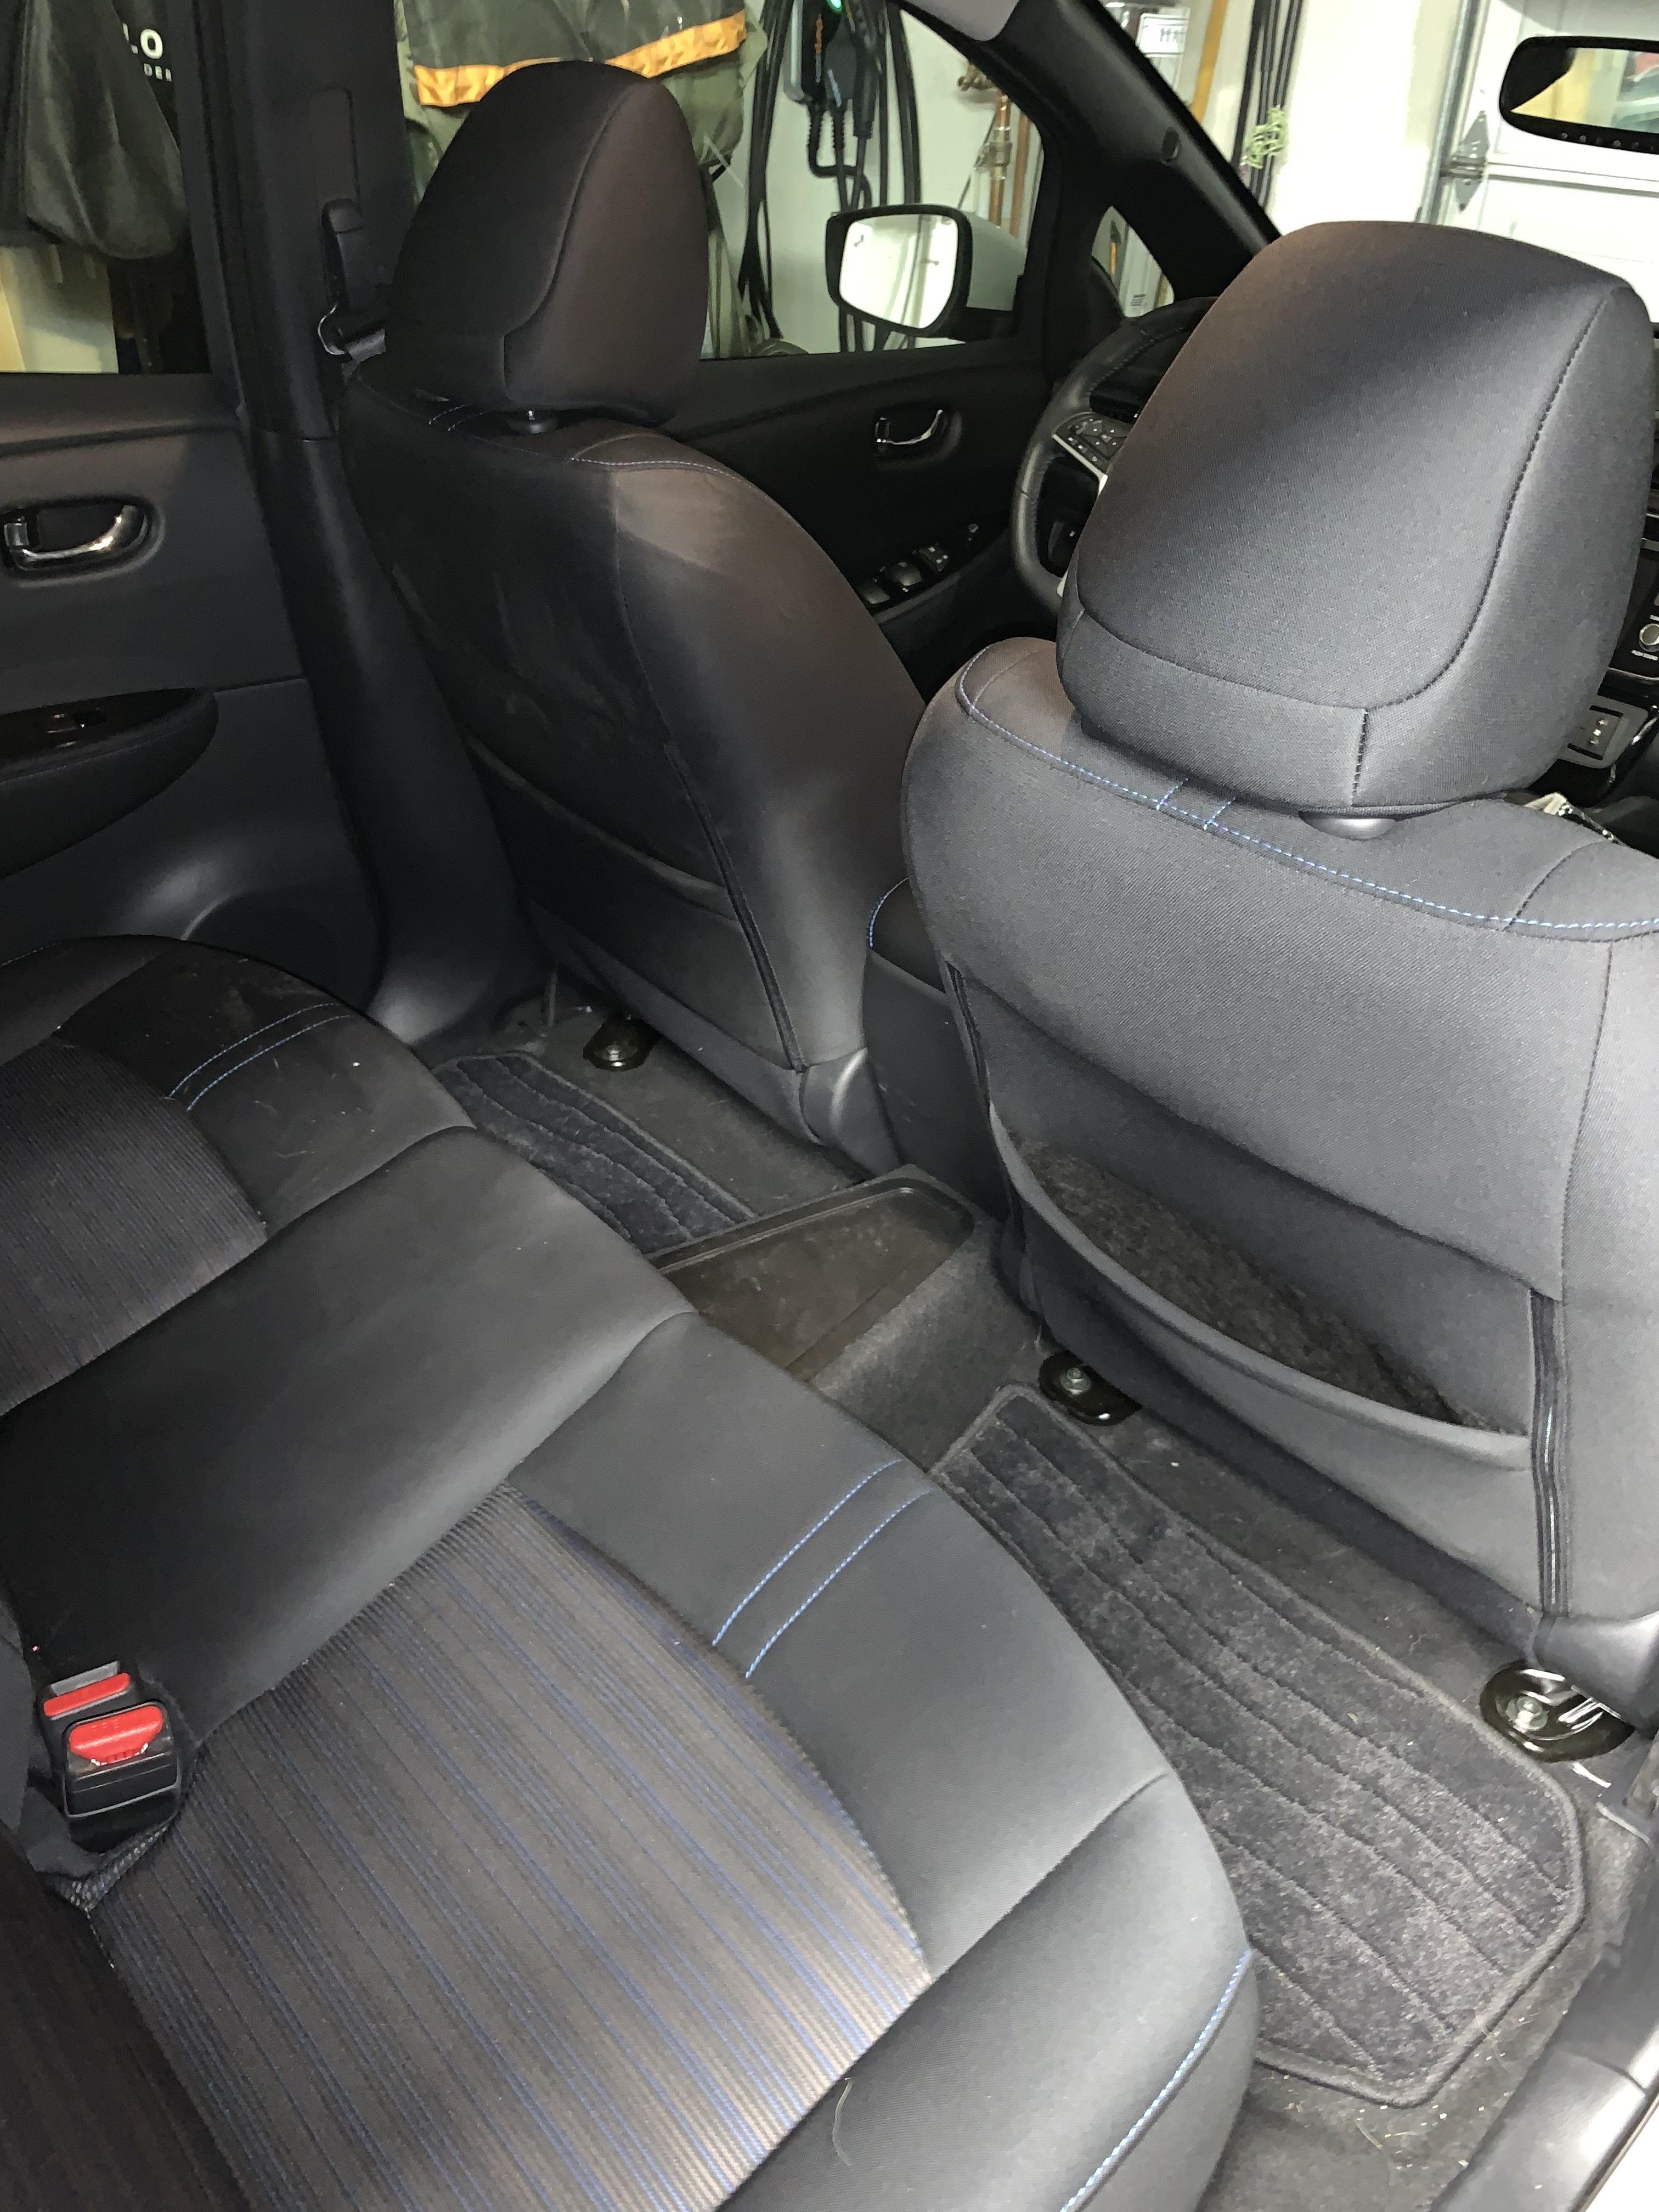 Nissan Leaf Lease >> 2018 Nissan Leaf lease transfer $300/mo+tax + $2,000 down ...